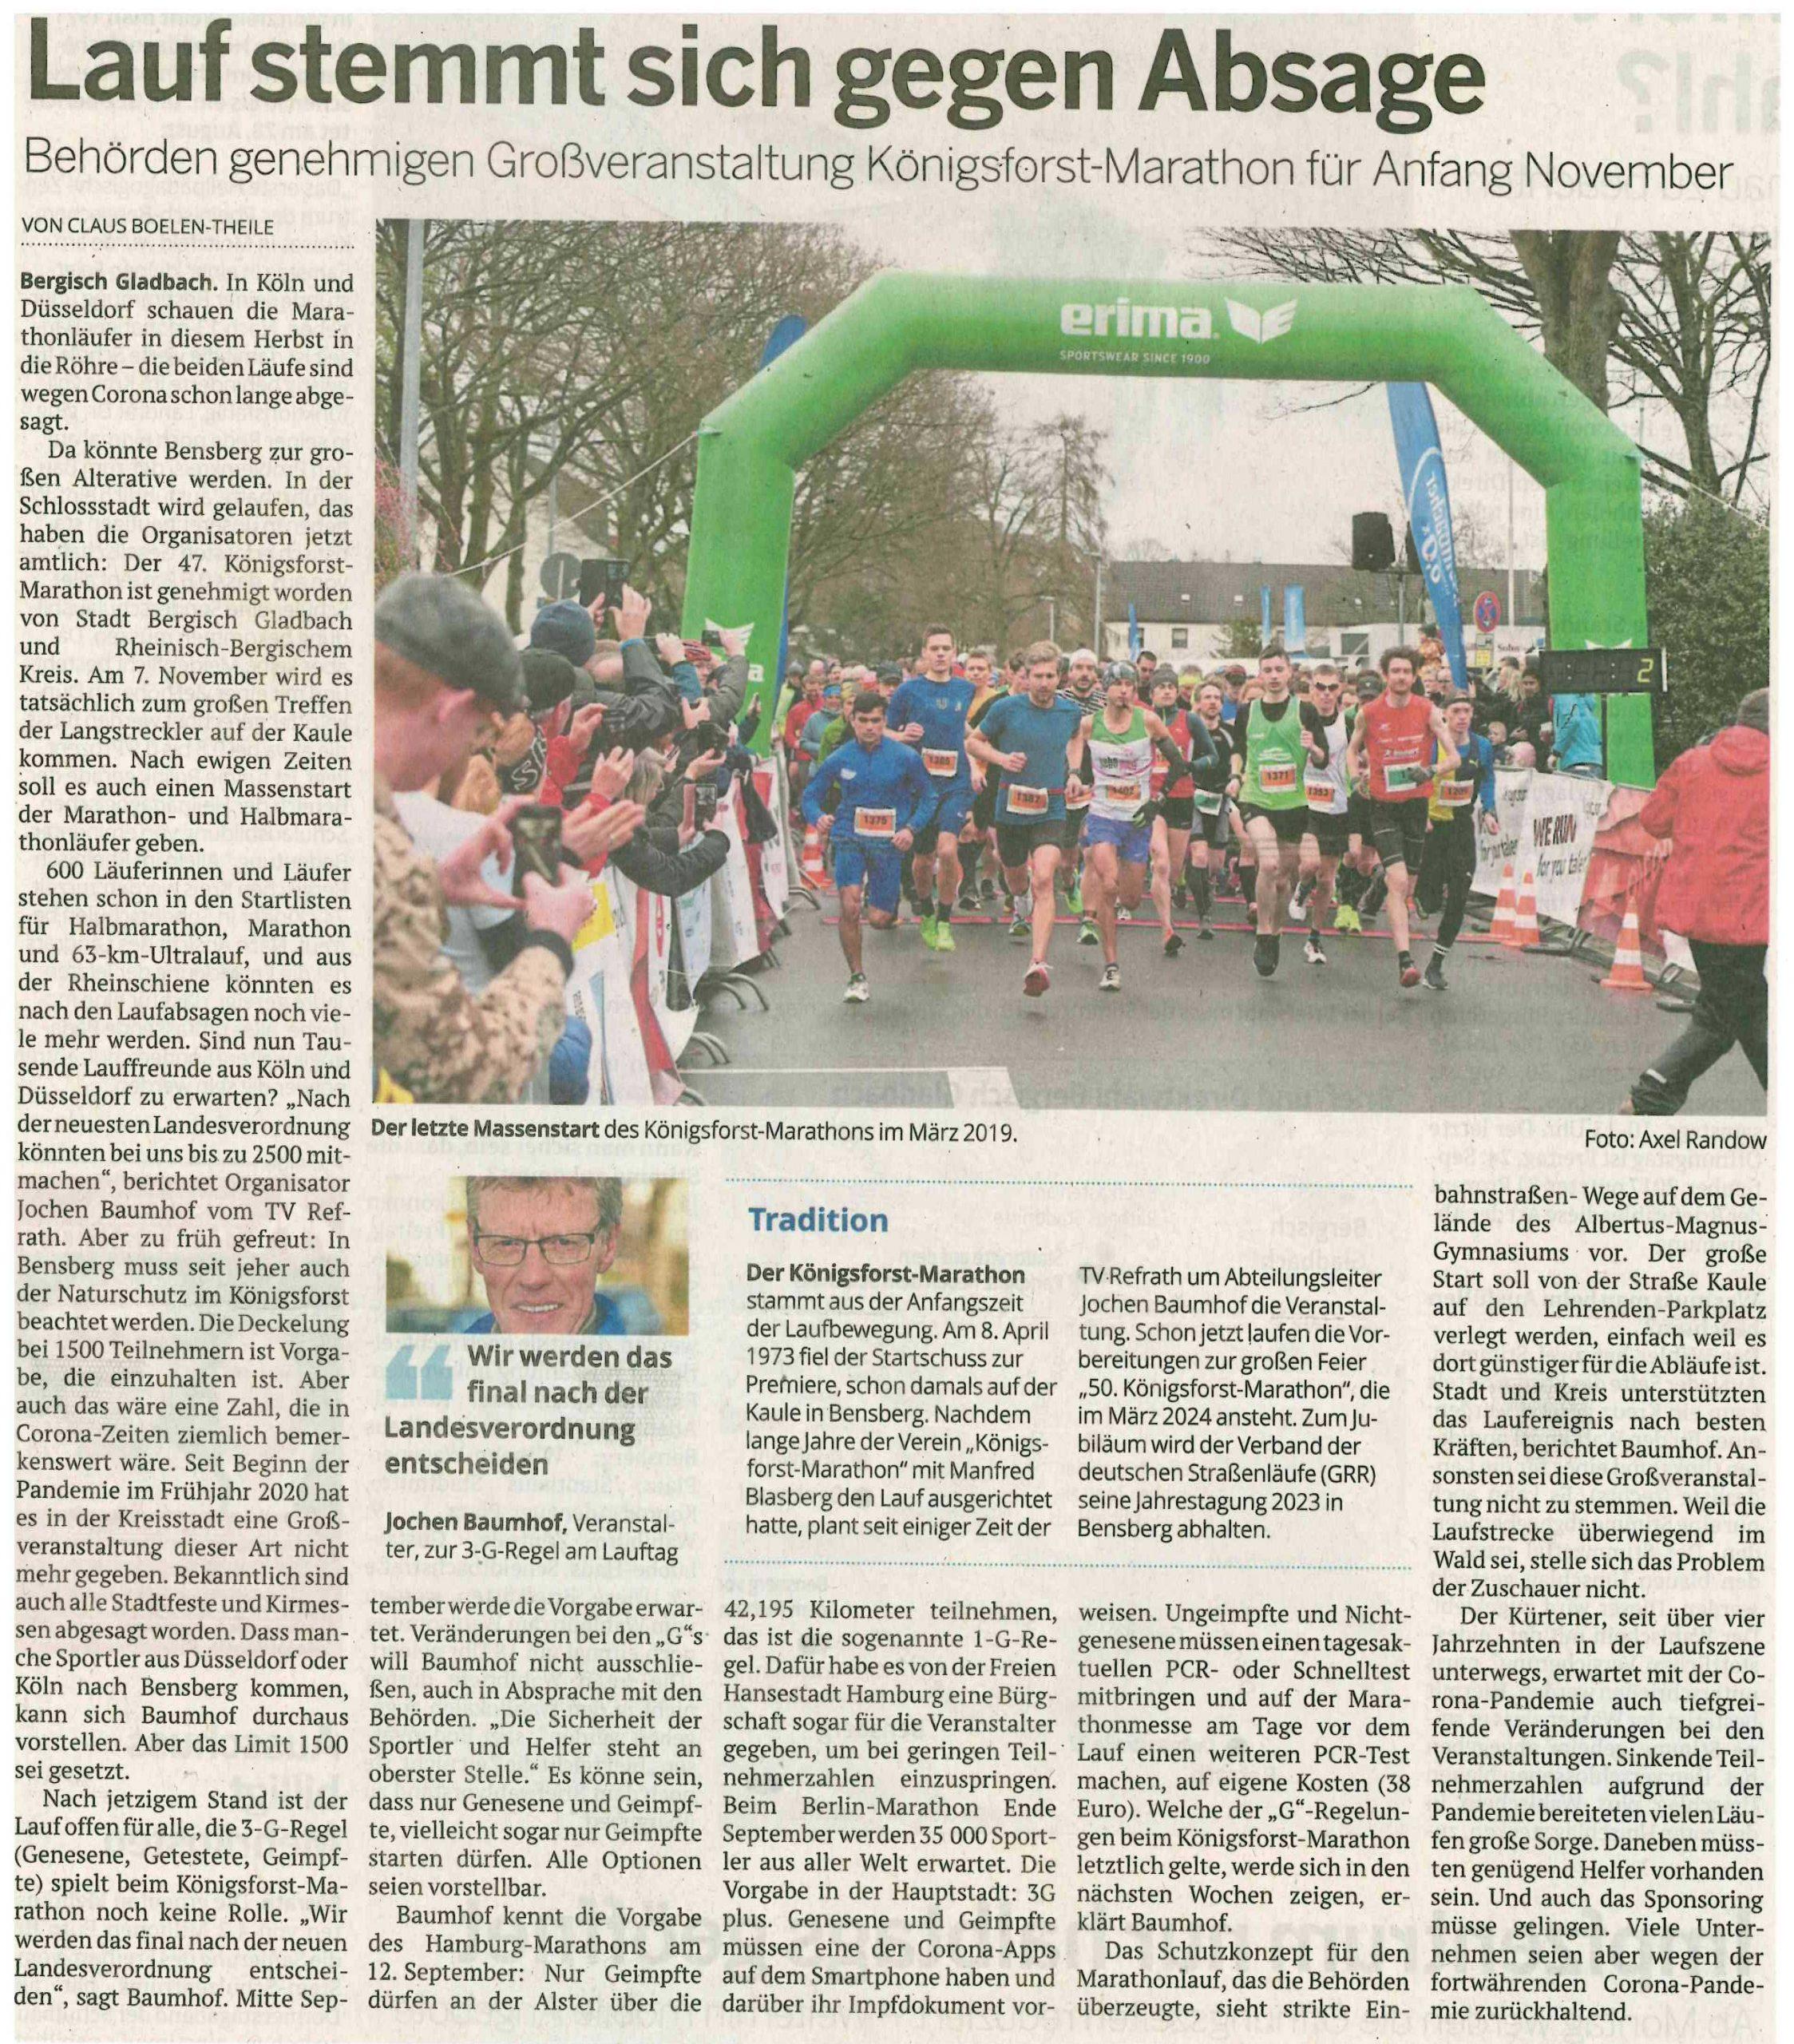 Anmeldung zum Königsforst Marathon 2021